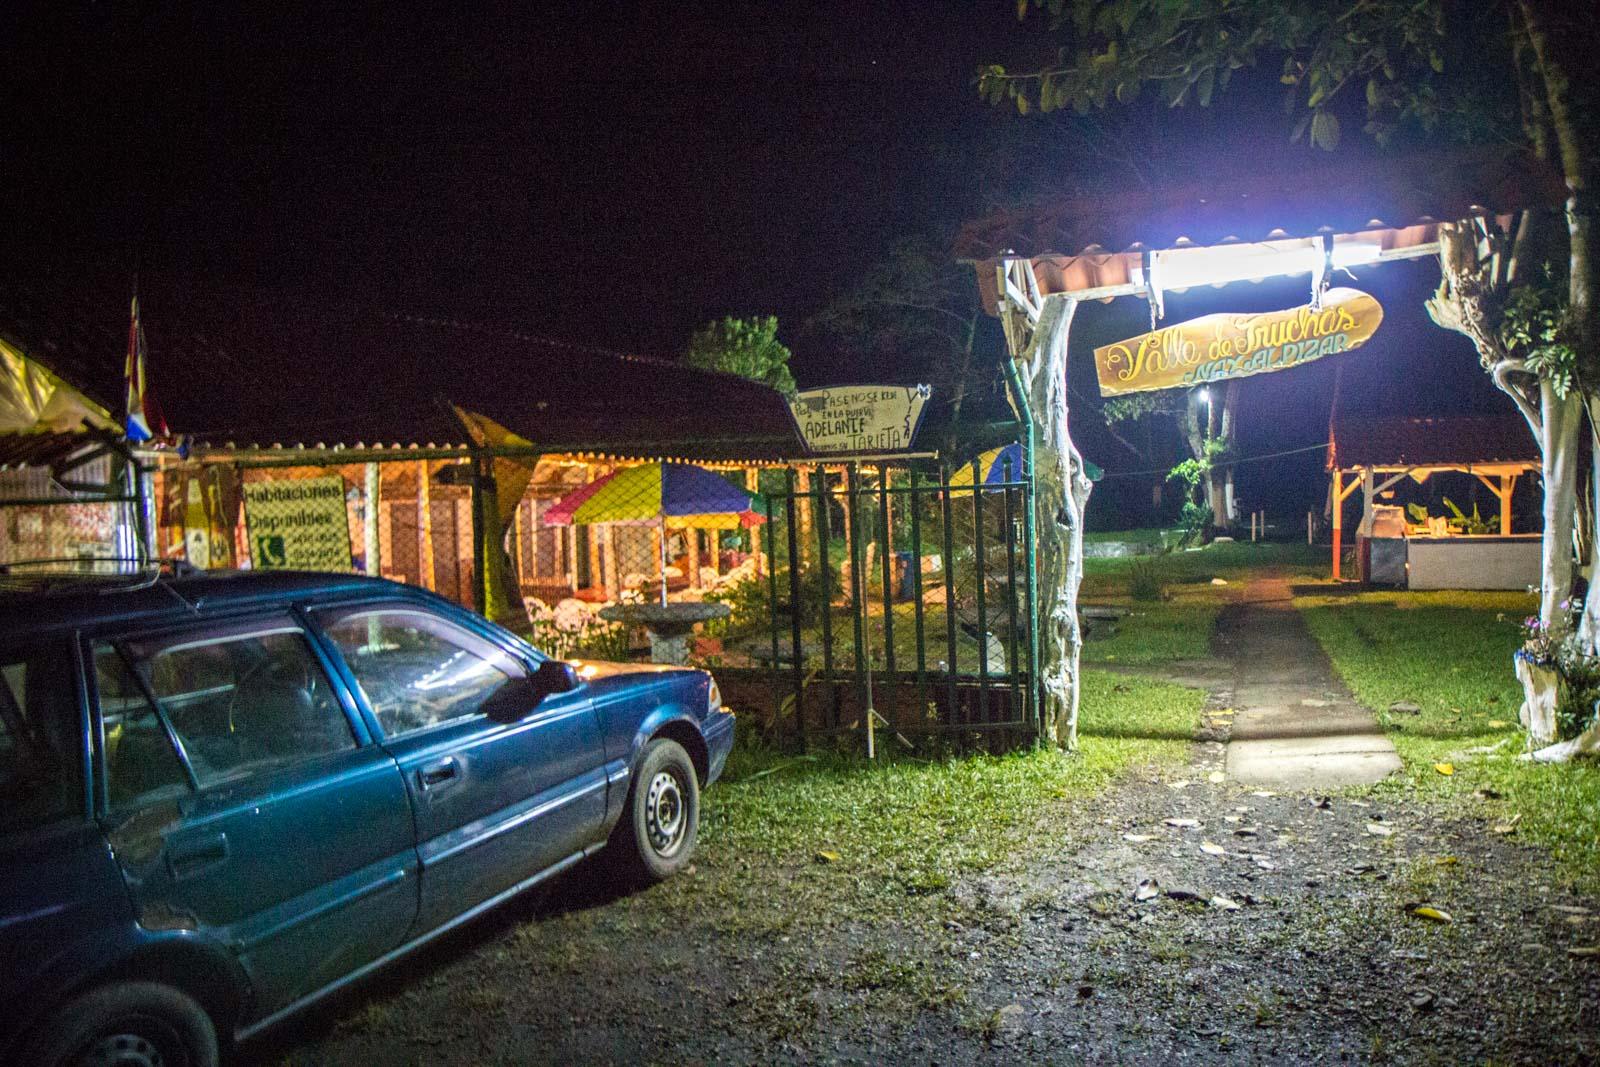 Bajos del Toro, El Silencio, local tour, Costa Rica